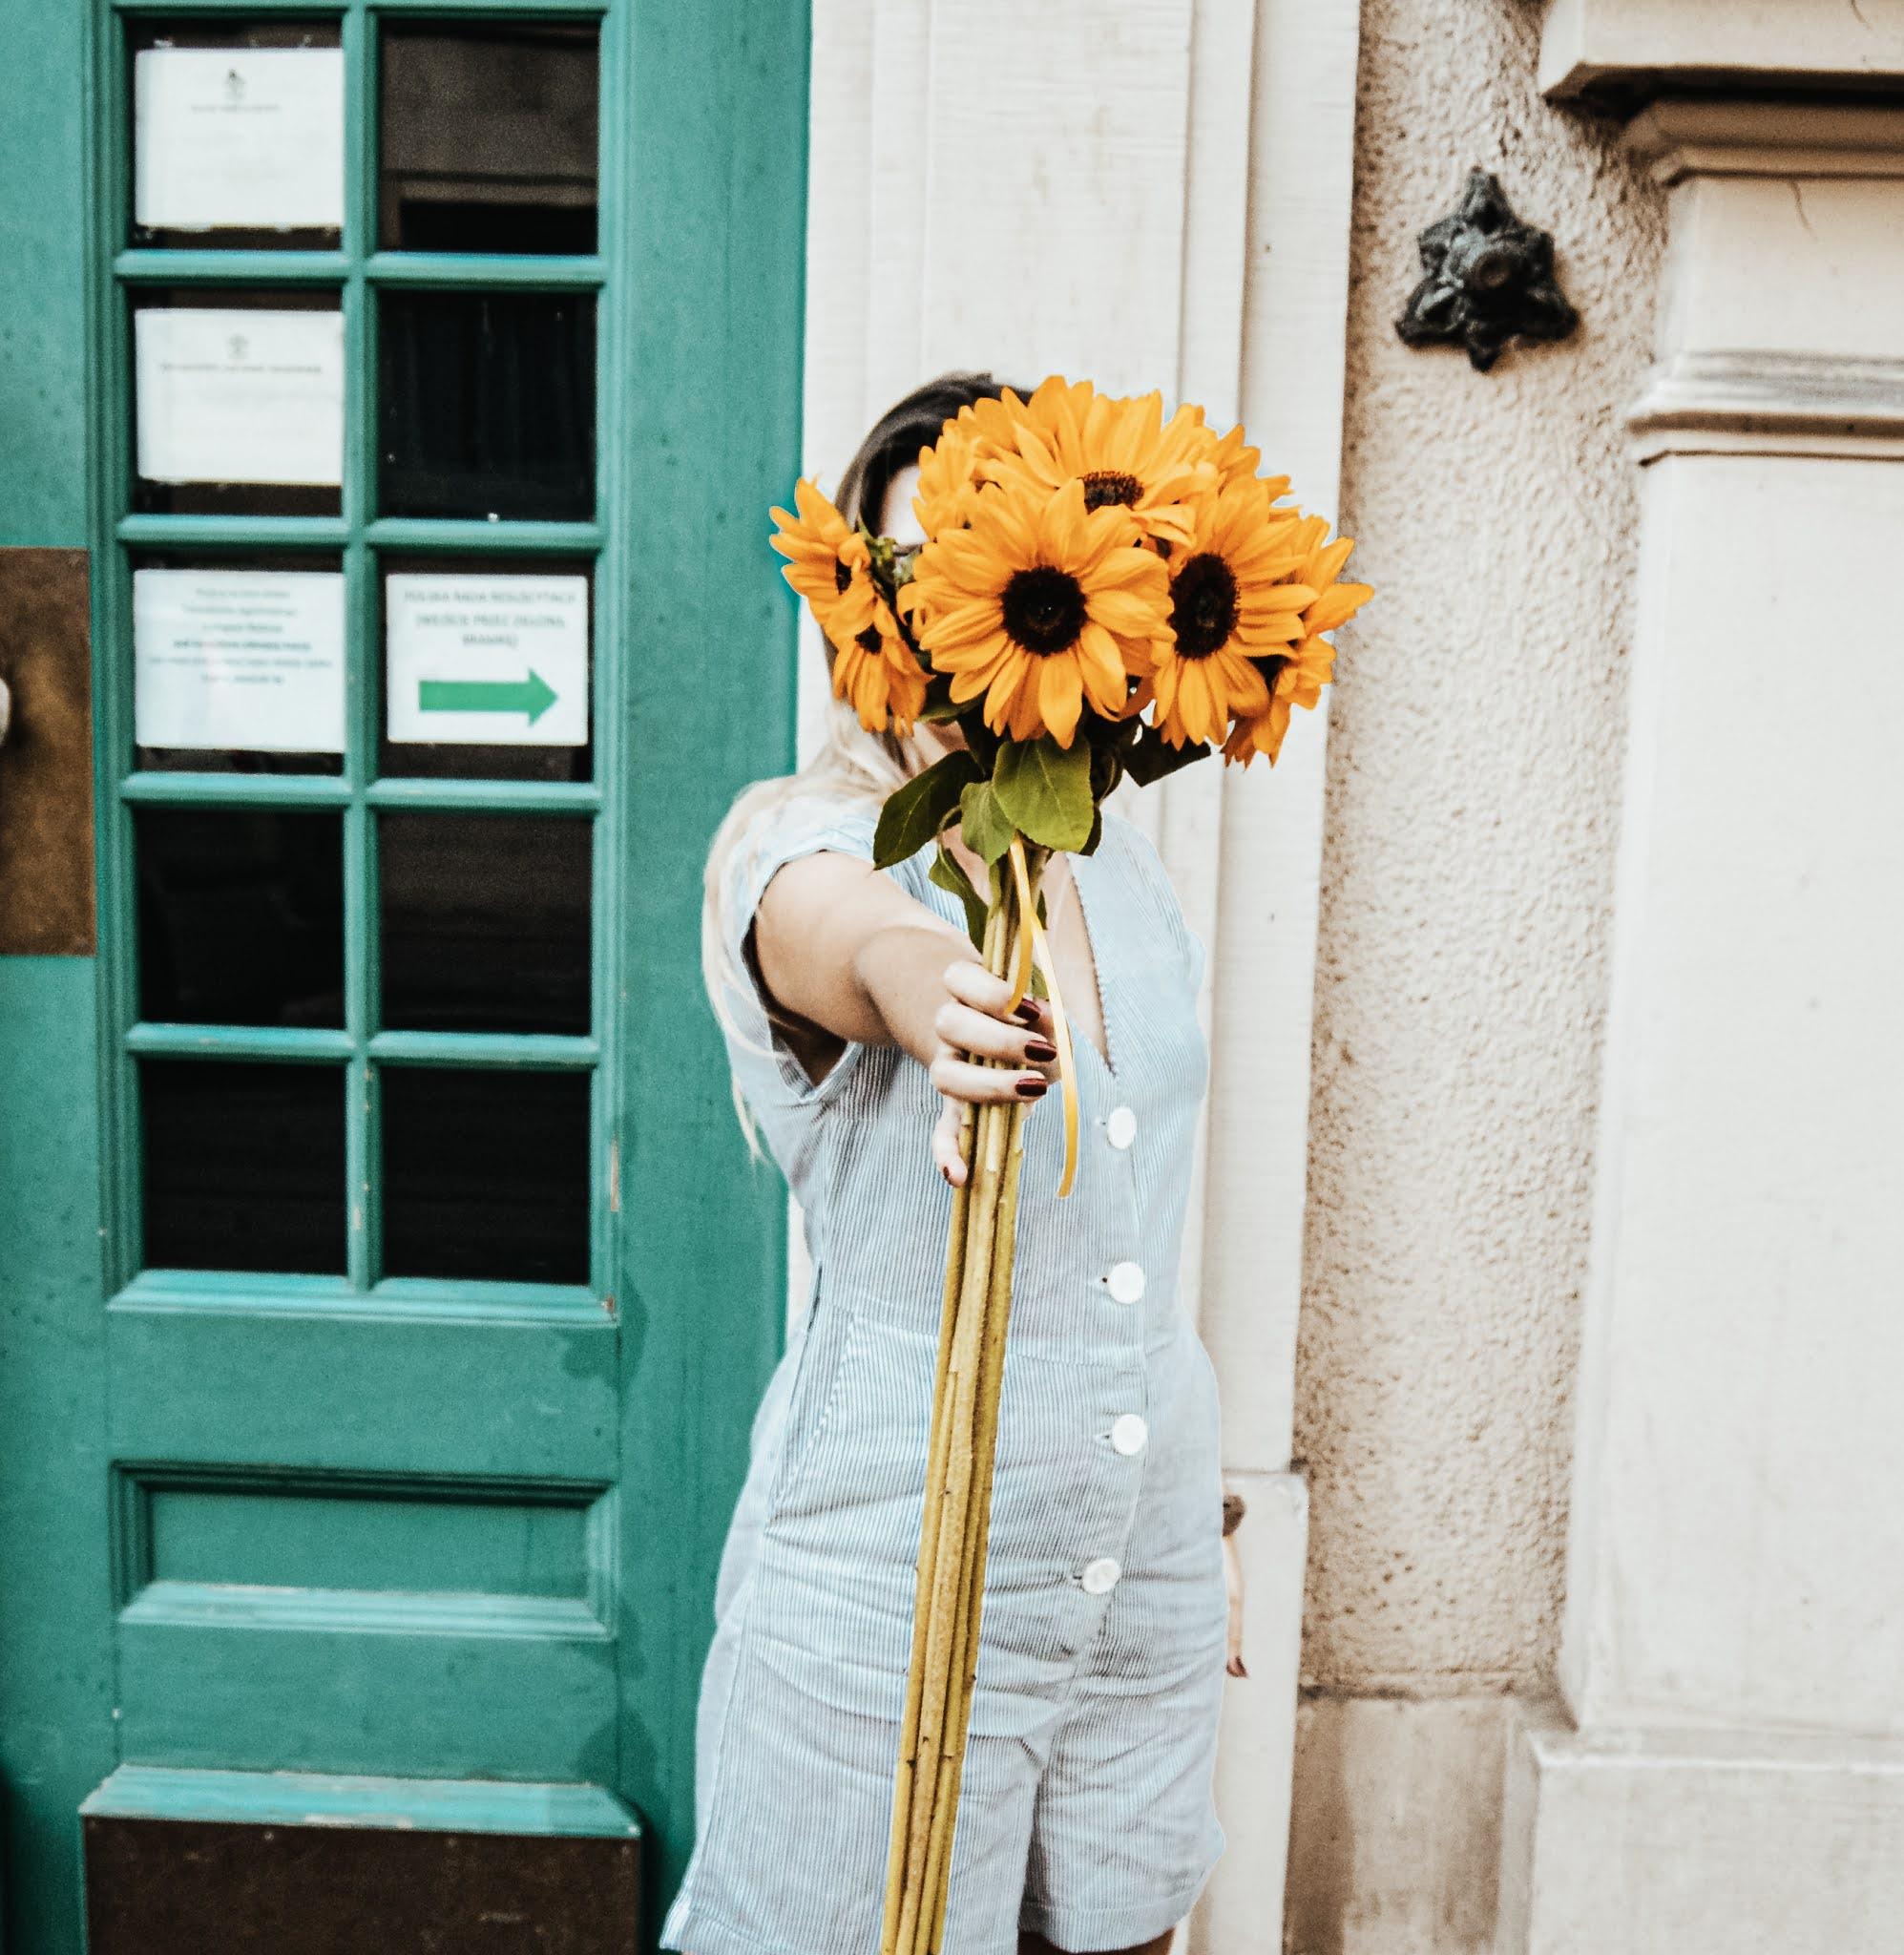 Słoneczniki pinterest piękne zdjęcie słonecznikó